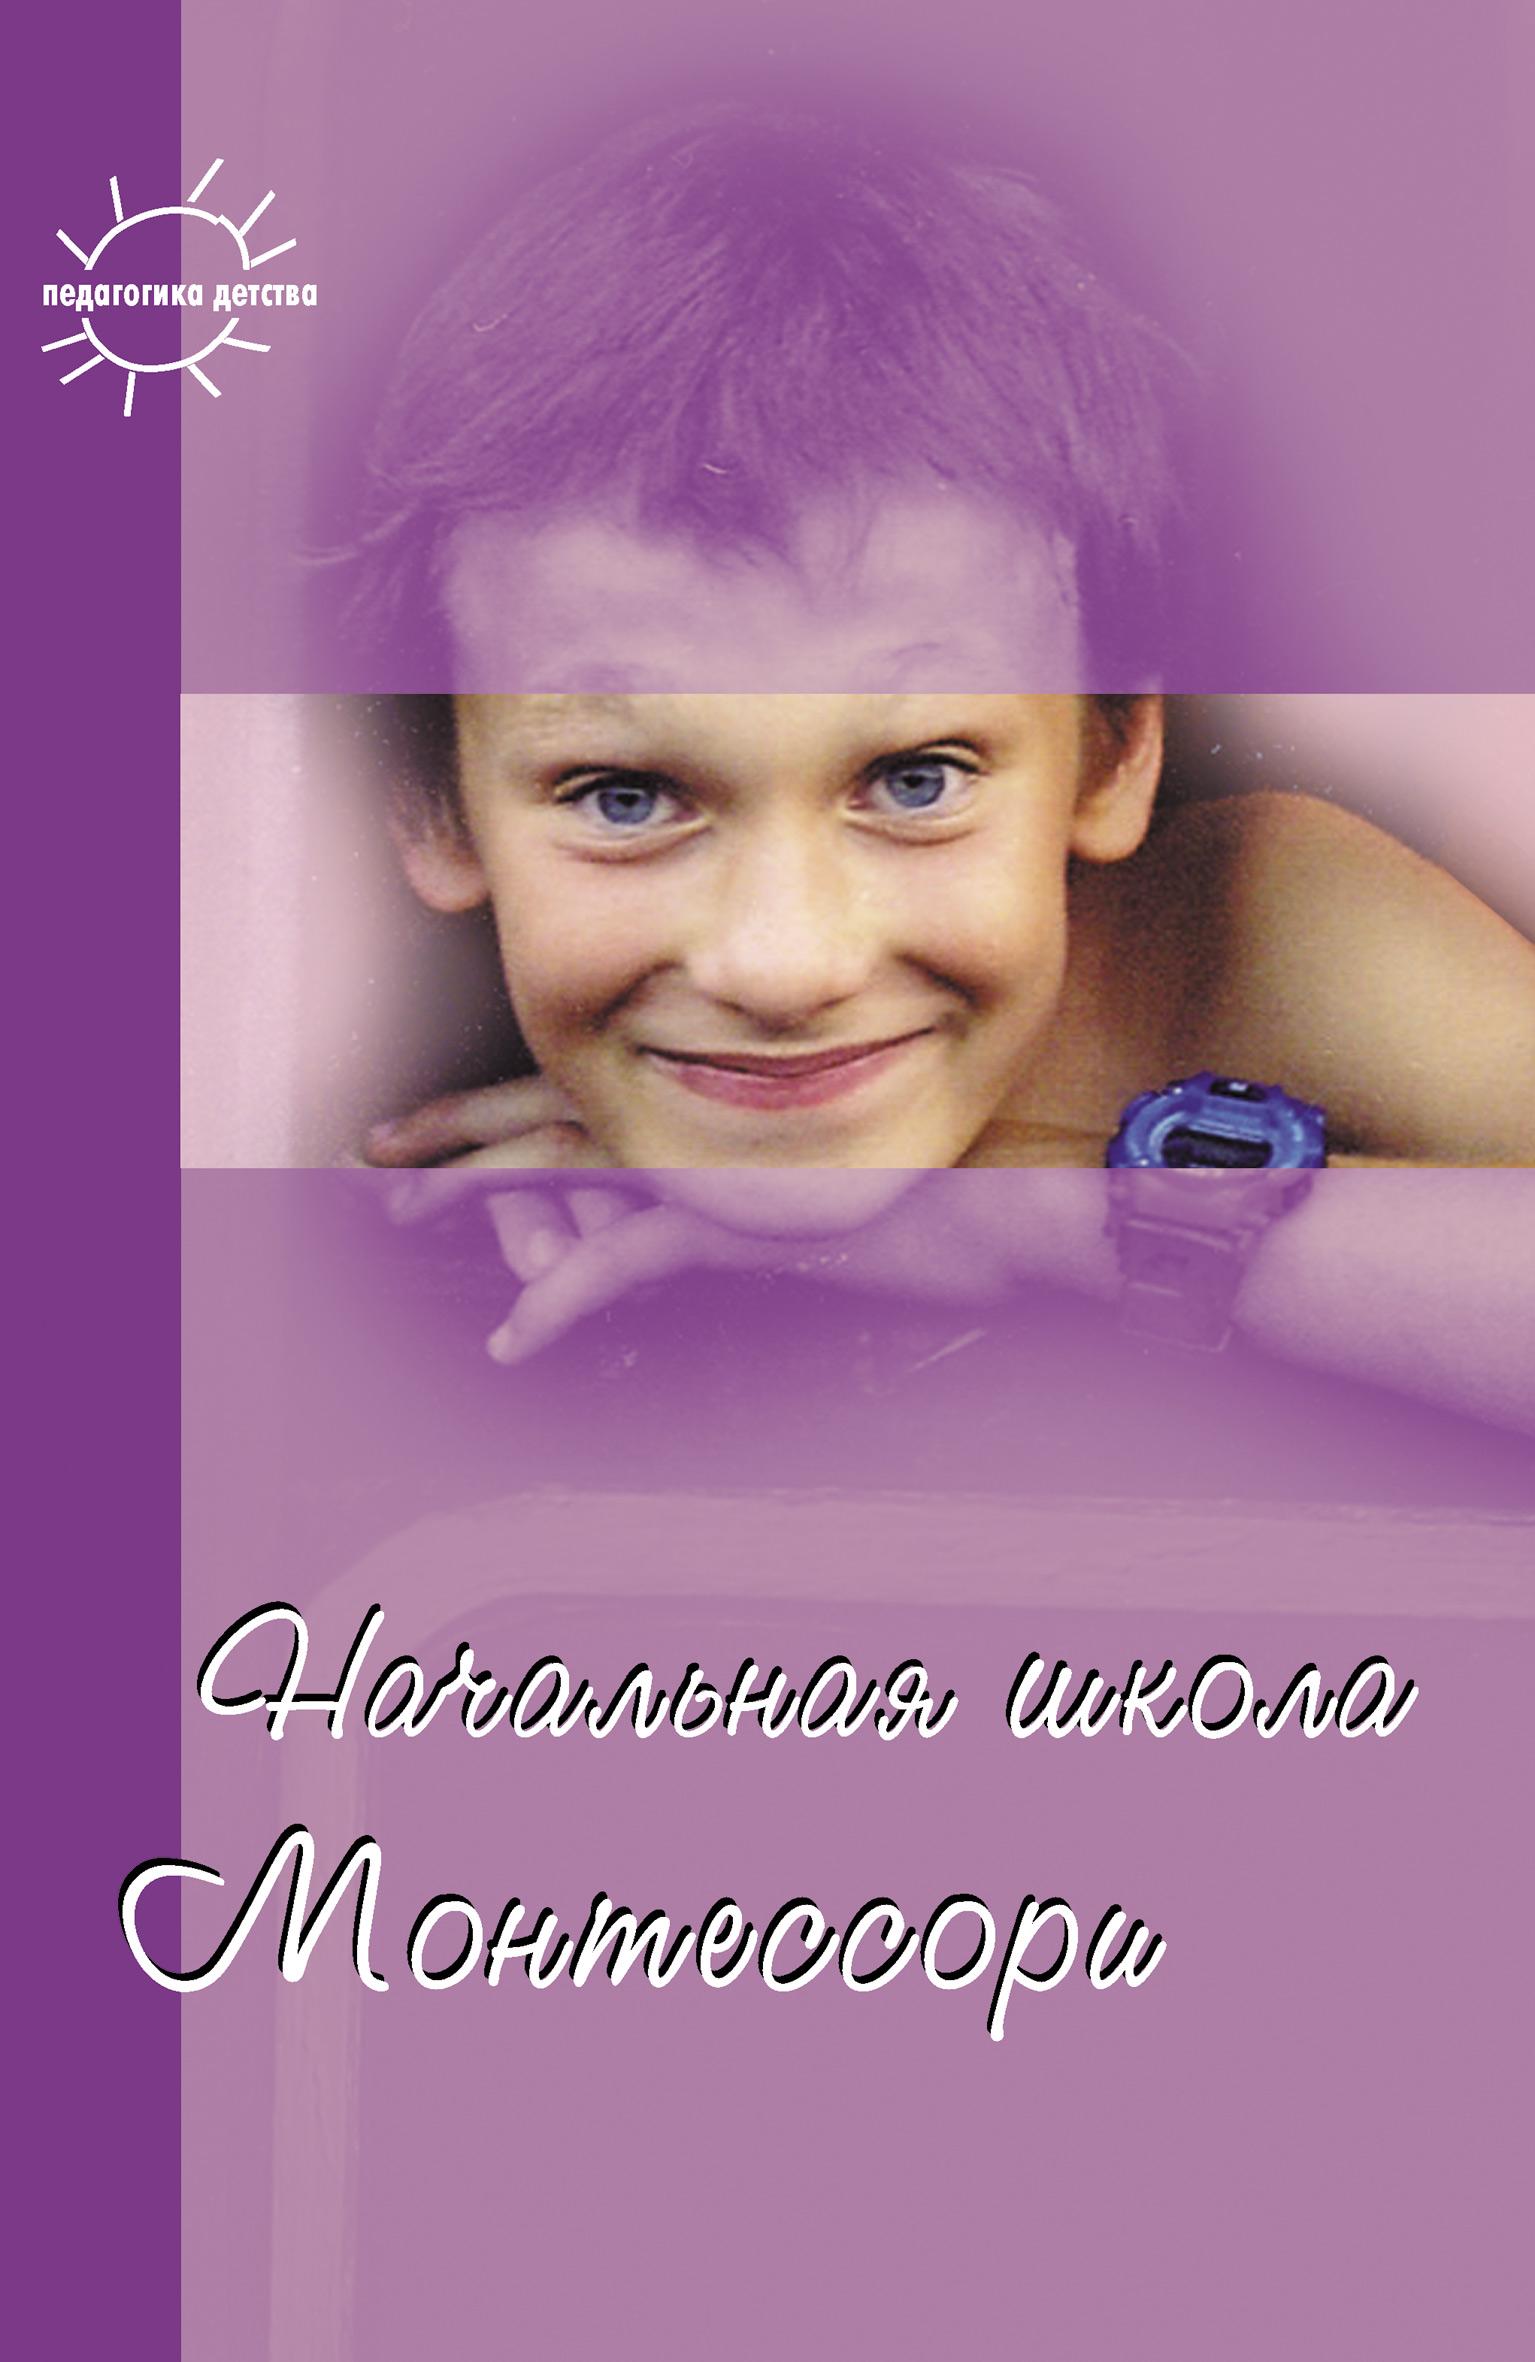 nachalnaya shkola montessori